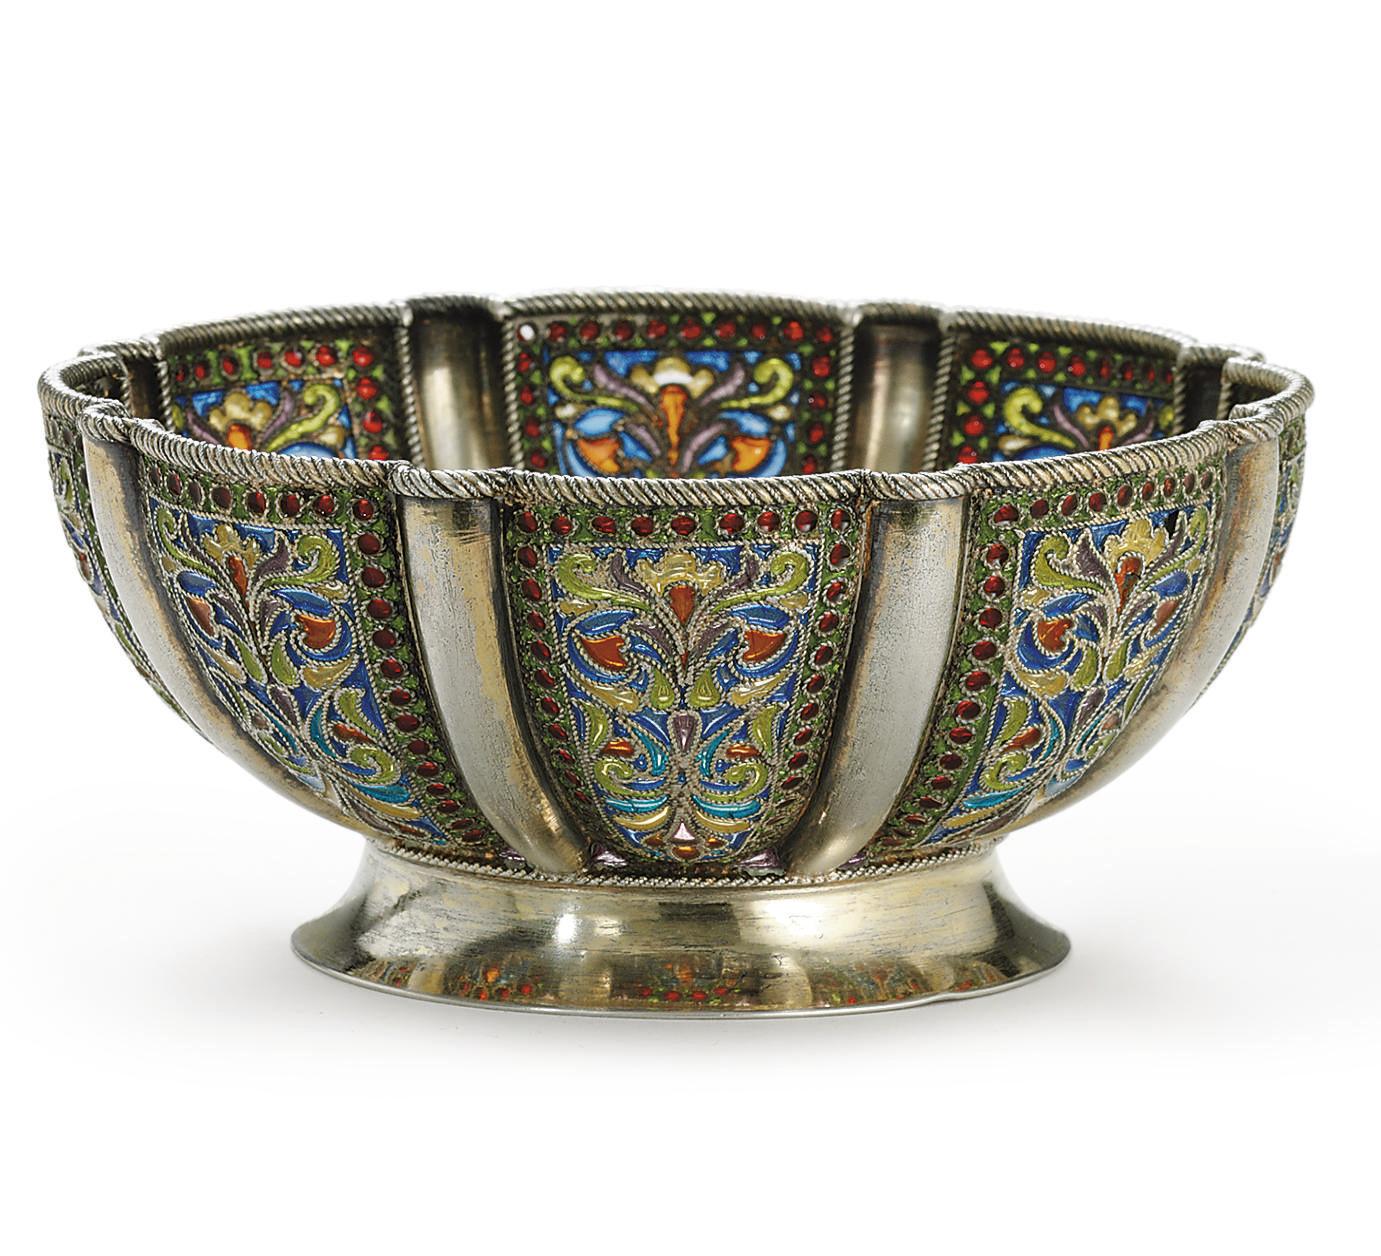 A Silver-Gilt and Plique-á-Jou